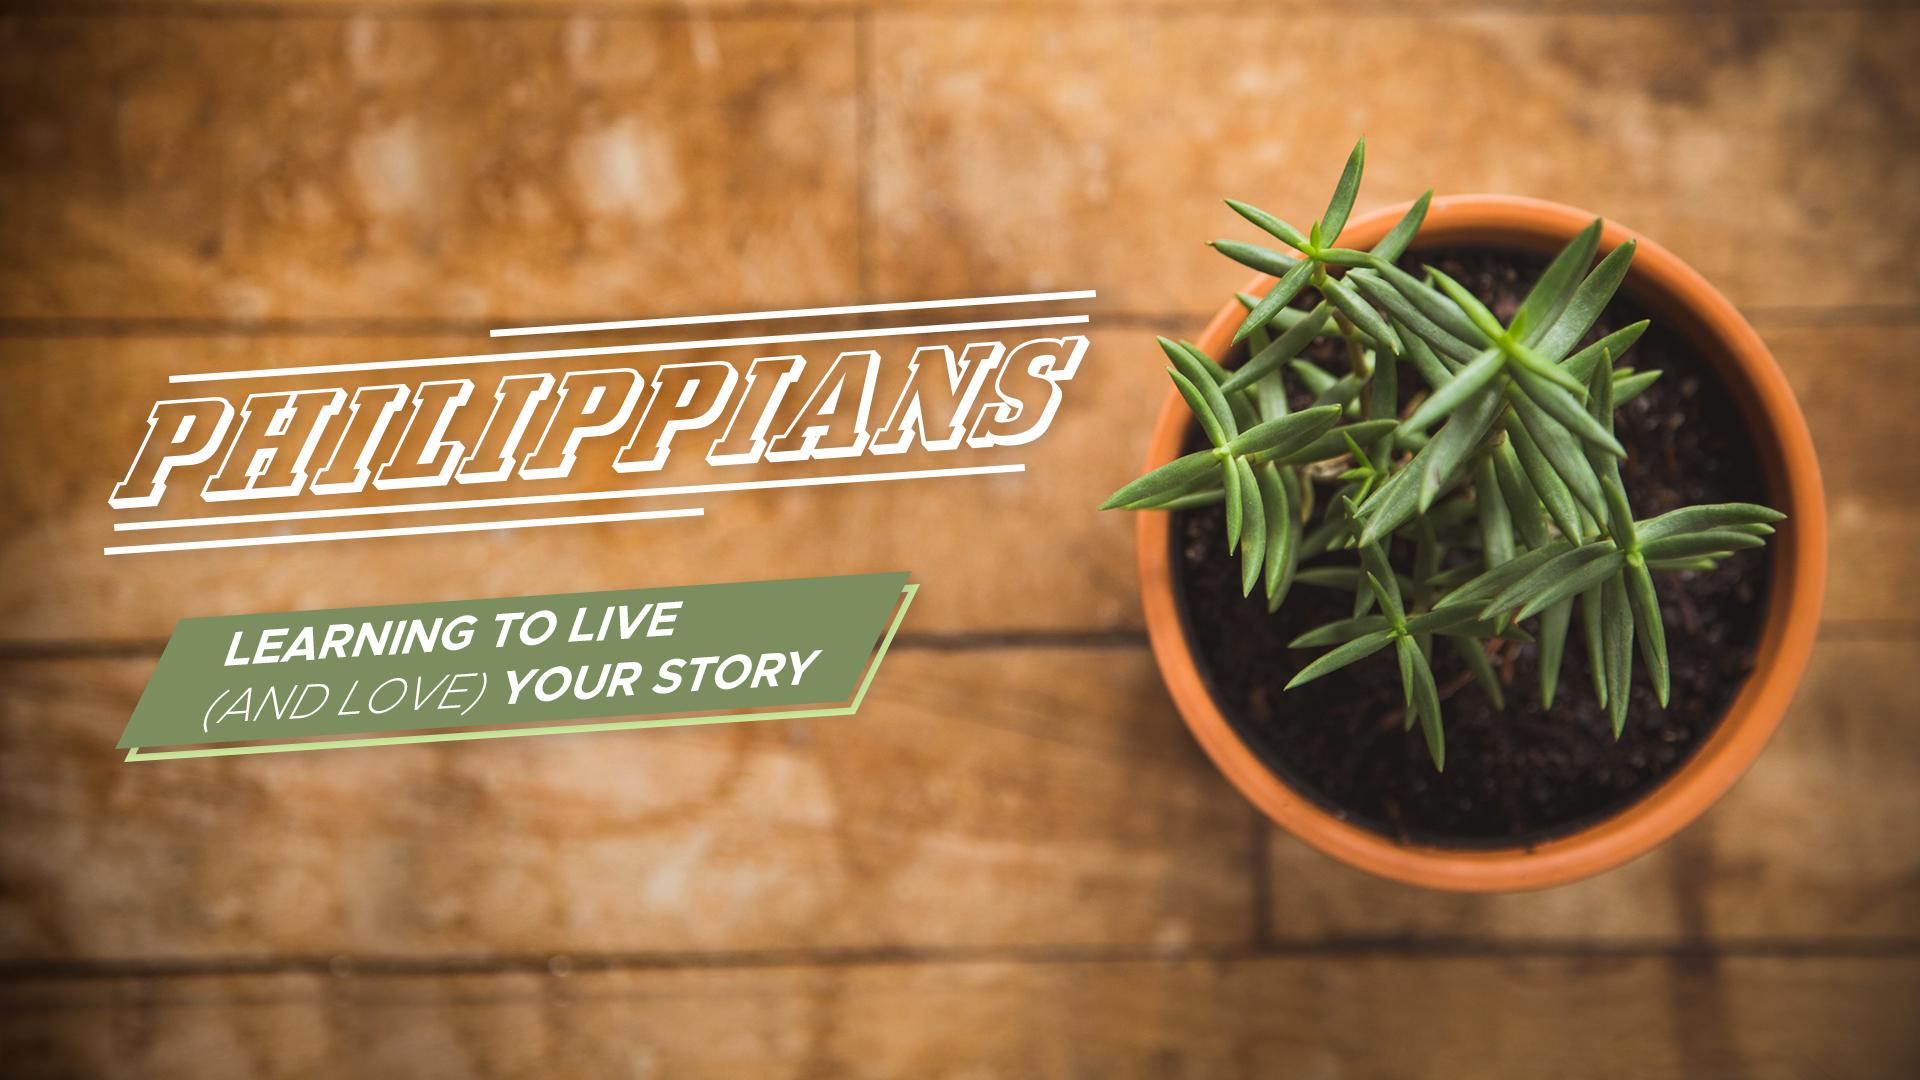 Philippians-slide.jpg